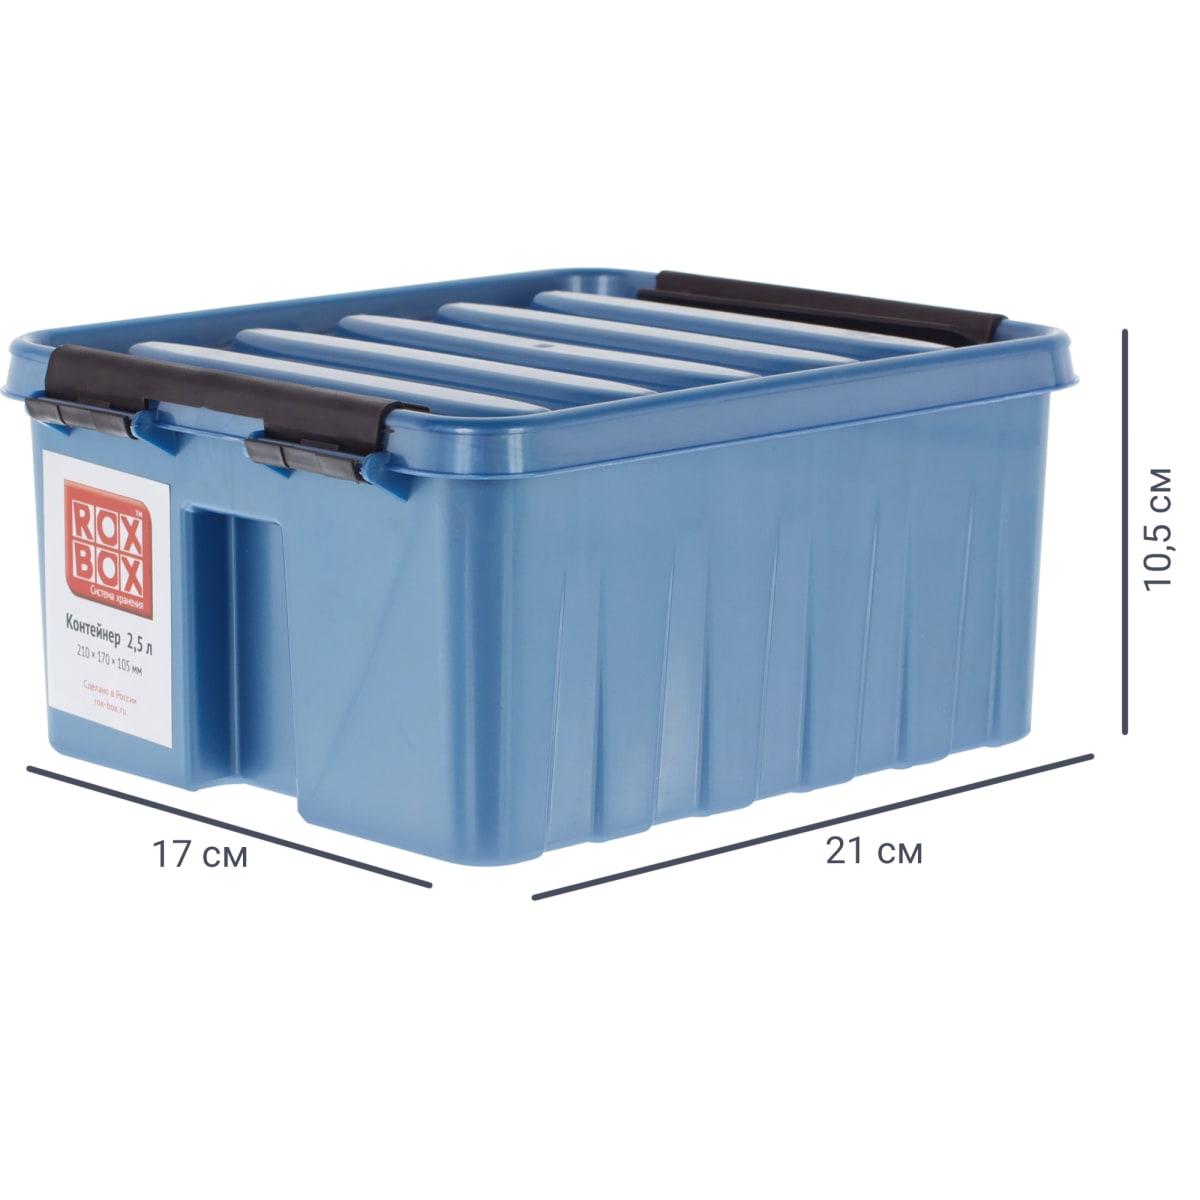 Контейнер Rox Box с крышкой 17x10.5x21 см, 2.5 л, пластик цвет синий